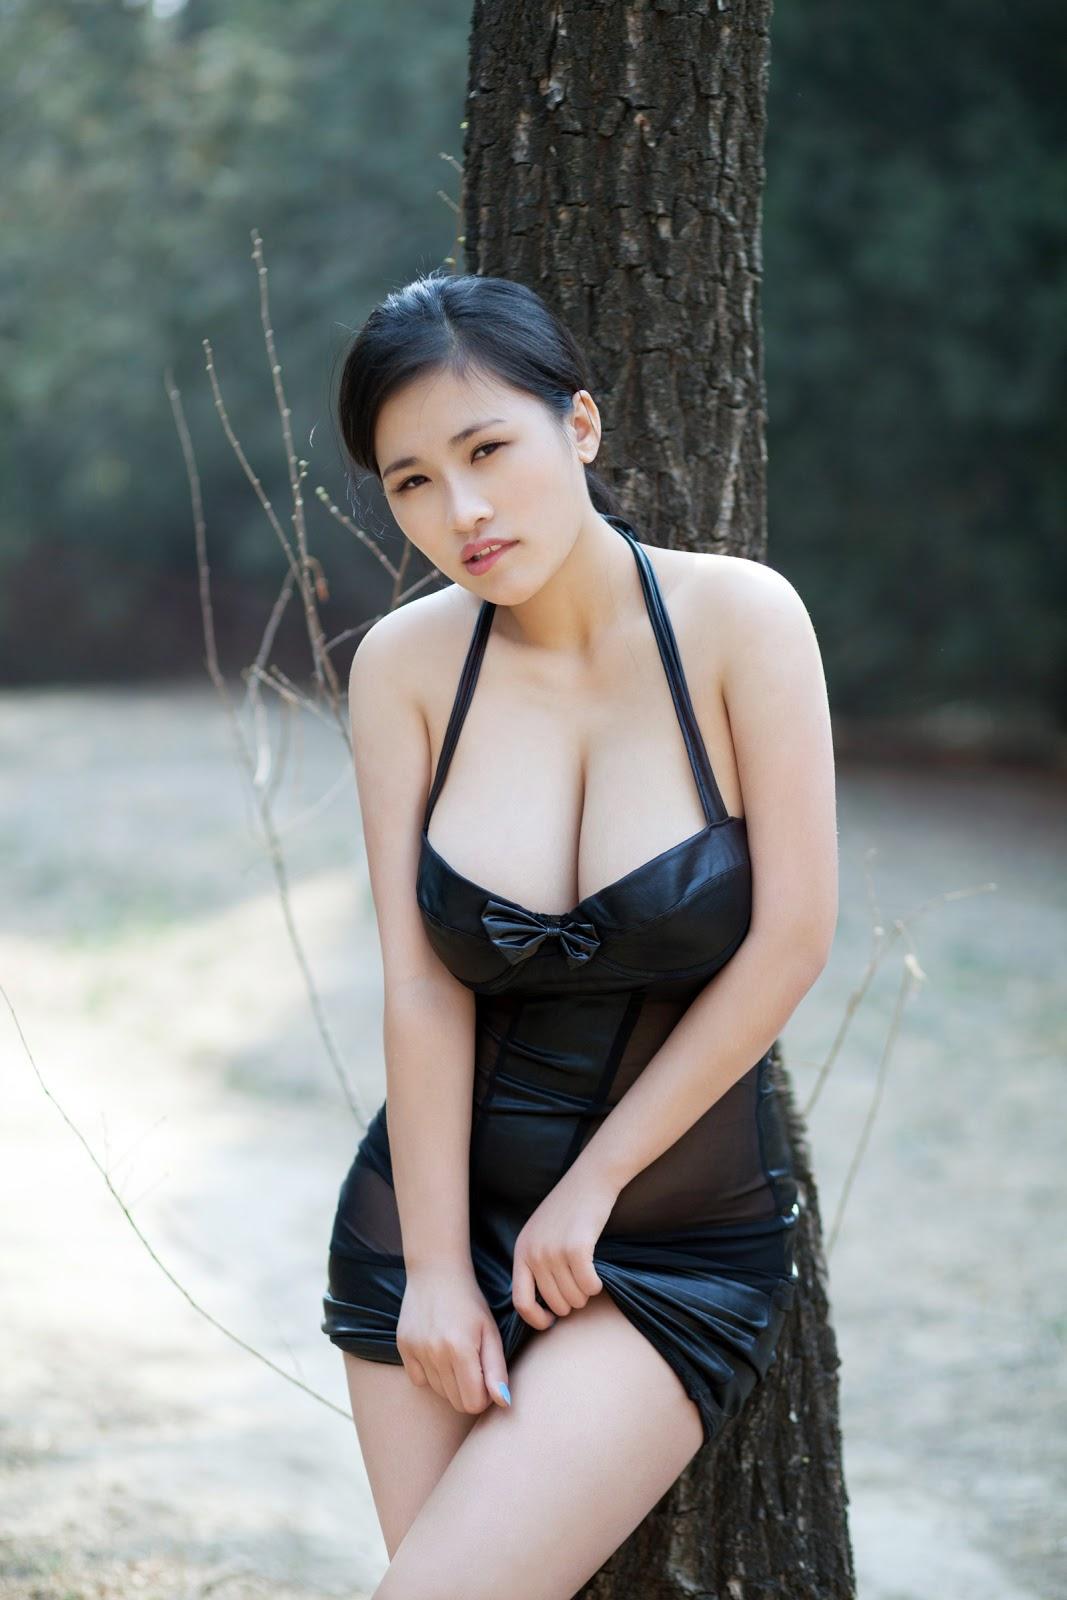 Big boob orientals